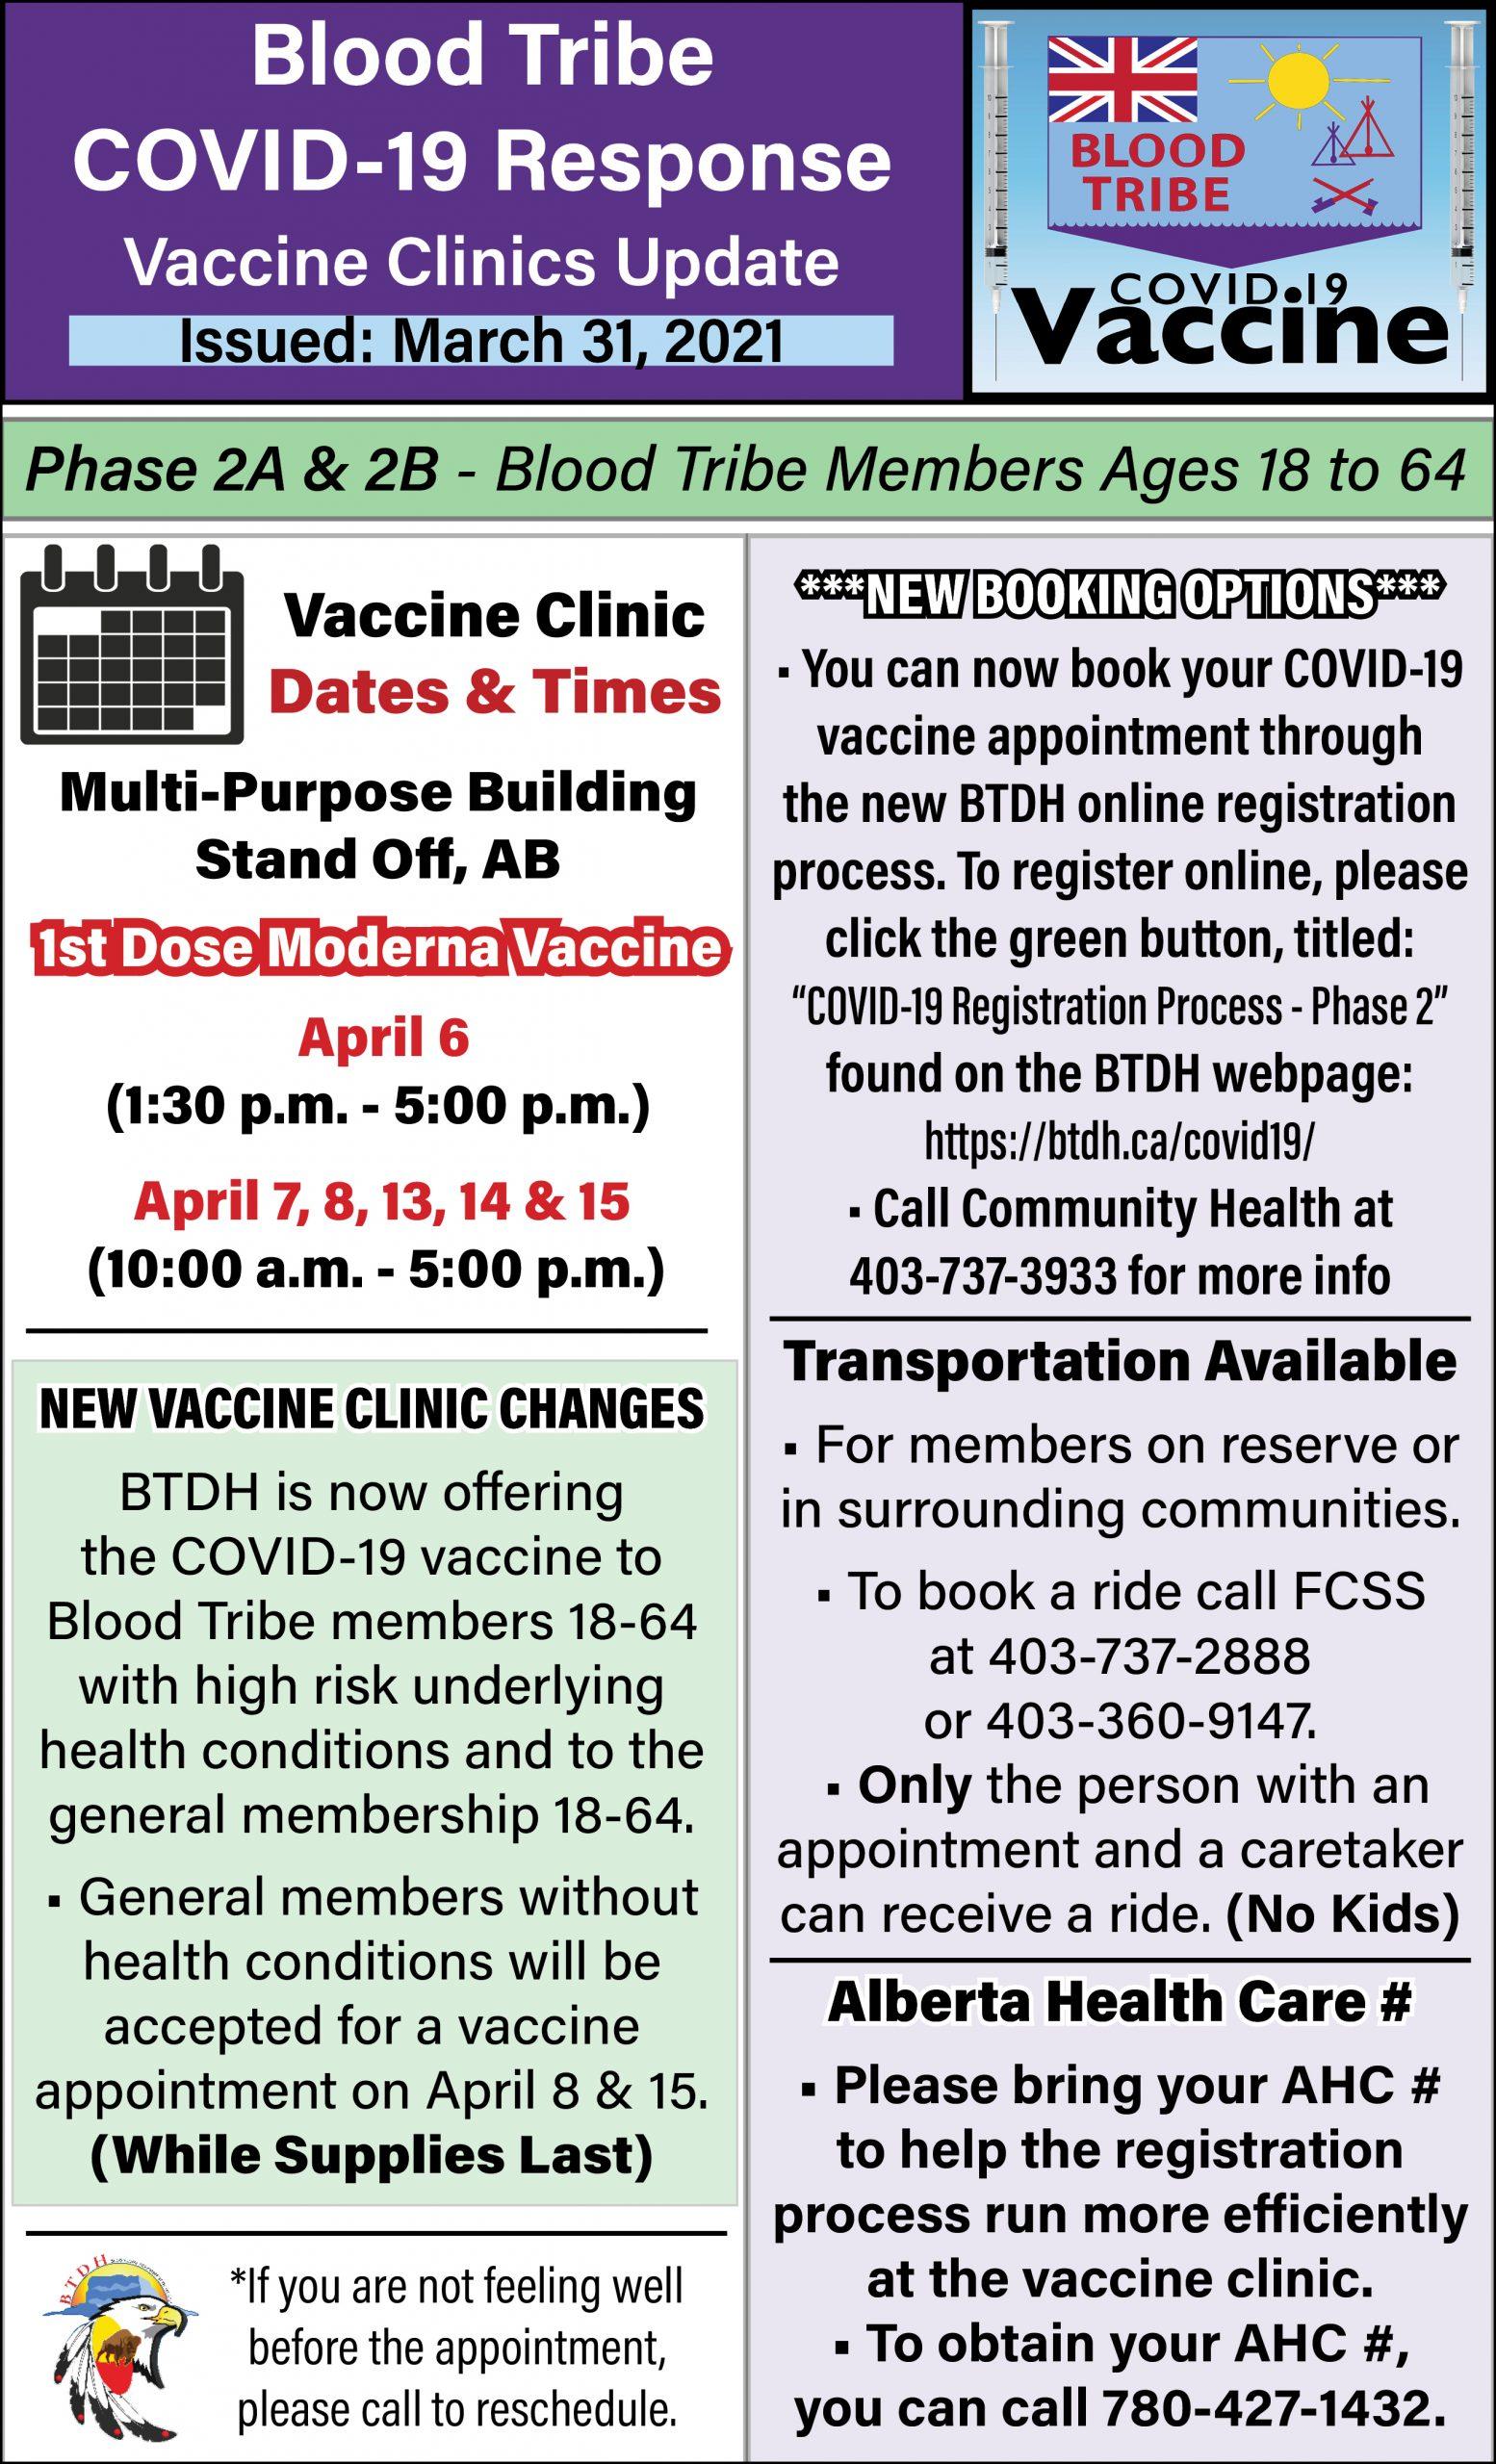 COVID-19 Vaccine Clinic Update - March 31, 2021